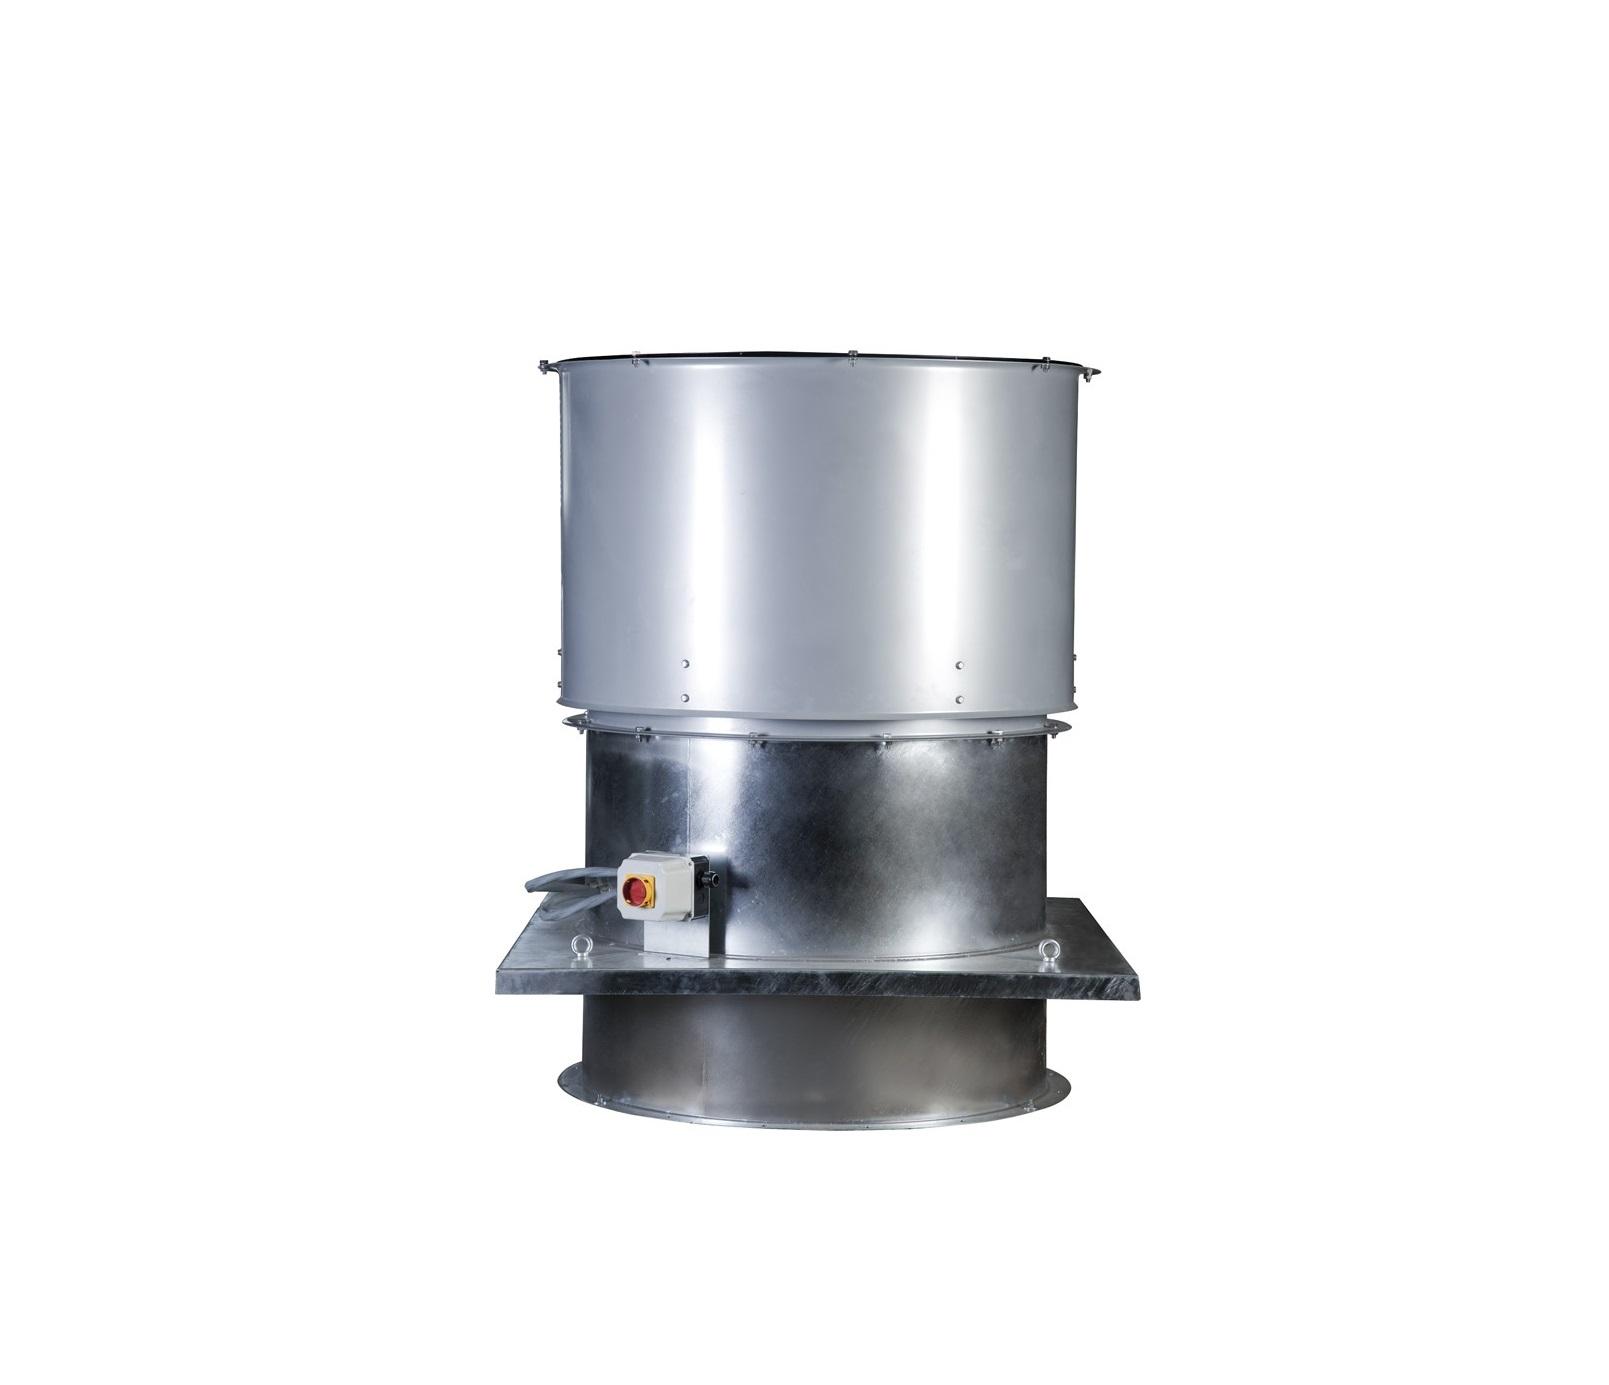 فن سقفی دما بالا - HGHT-V-4-800-3-F300